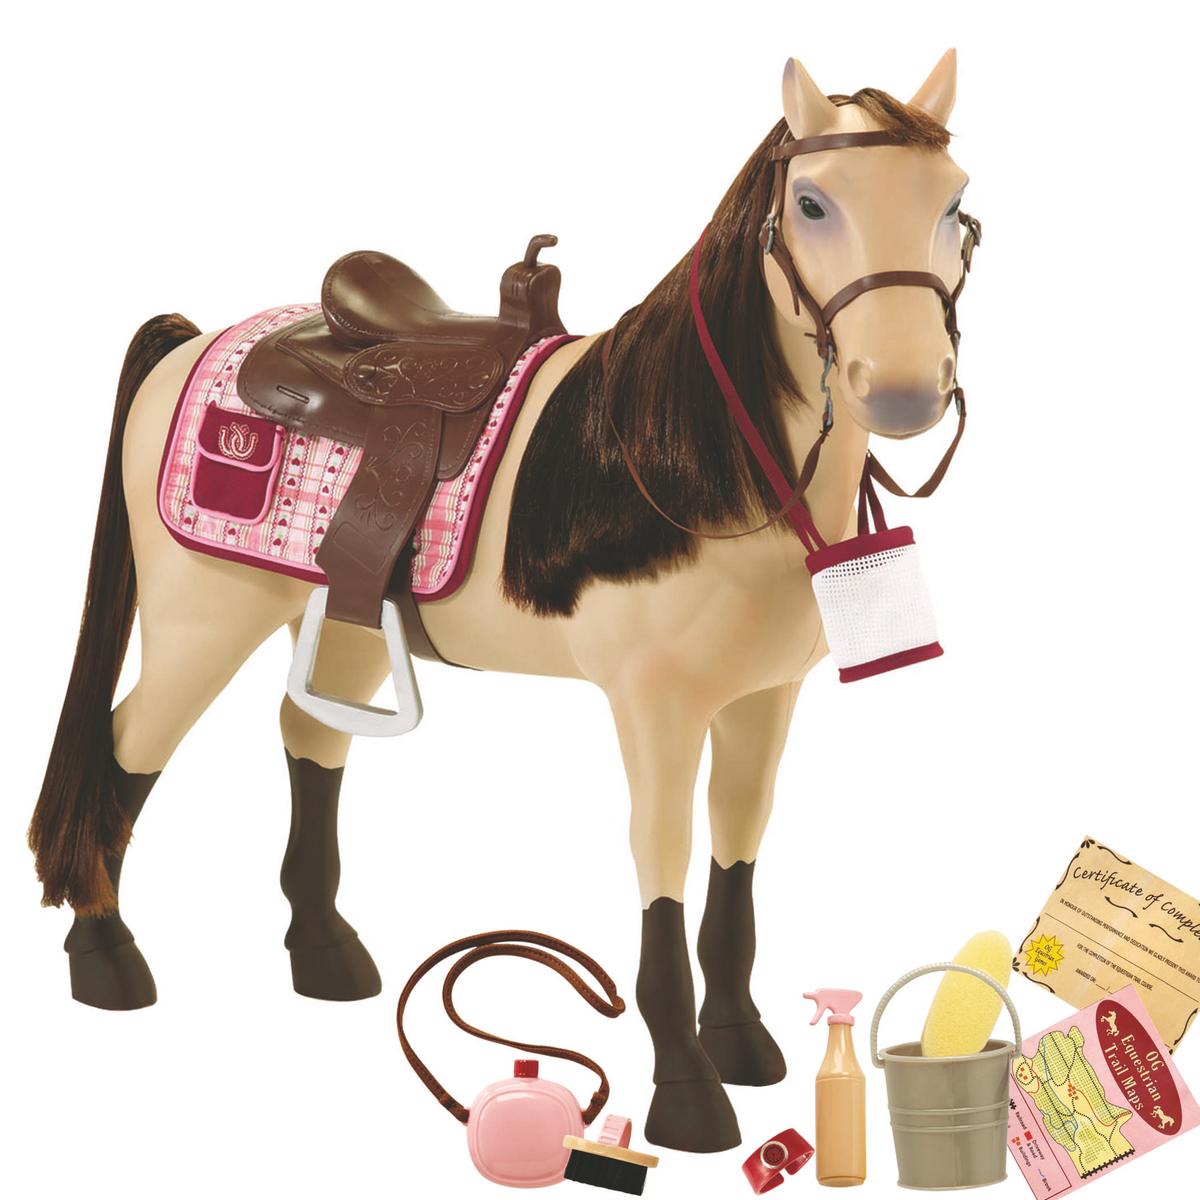 Our Generation Аксессуар для кукол Лошадь Морган11571Игровой набор Our Generation Лошадь Морган понравится любой девочке. В комплекте: лошадь, седло, мини-попона, уздечка с поводьями, маршрутная карта, ведро, губка для ухода, щетка для хвоста и гривы, фляжка для воды, сертификат об участии в соревнованиях, мешок для корма. Ноги у лошадки сгибаются. Благодаря играм с набором, ваша малышка сможет развить фантазию и любознательность, разнообразить игры с любимыми куклами. Порадуйте свою принцессу таким прекрасным подарком!